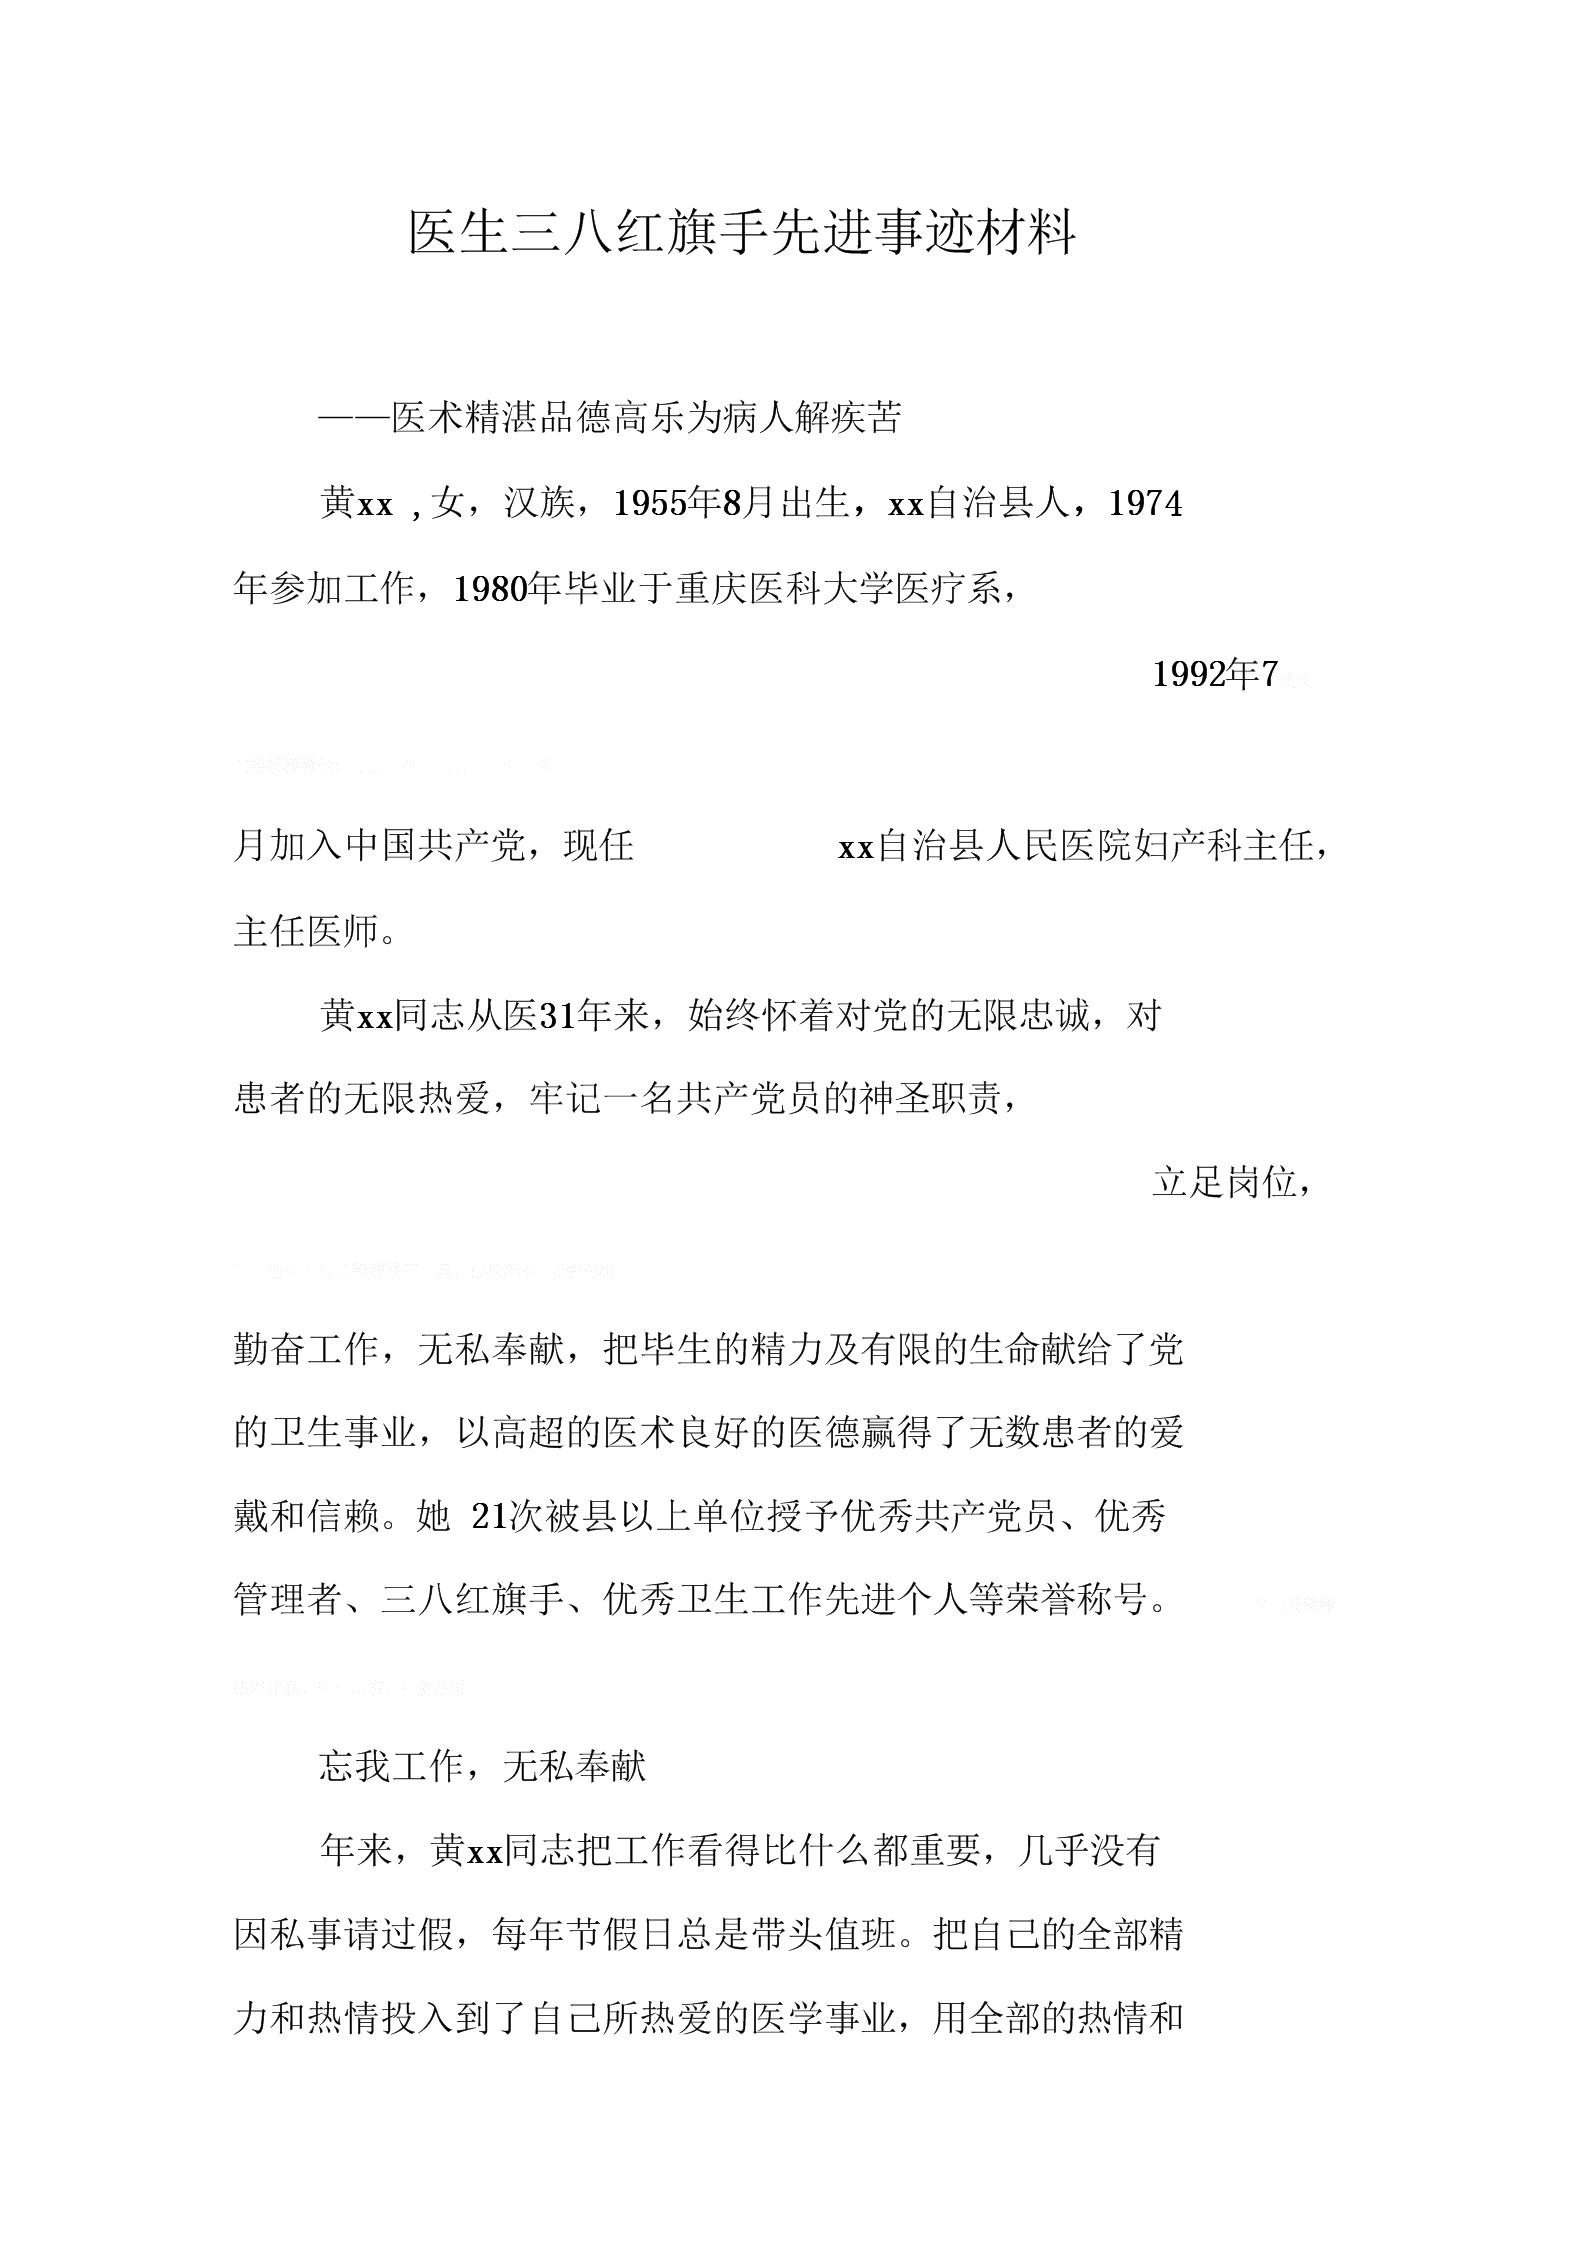 医生三八红旗手先进事迹材料【DOC可编辑范文】.docx